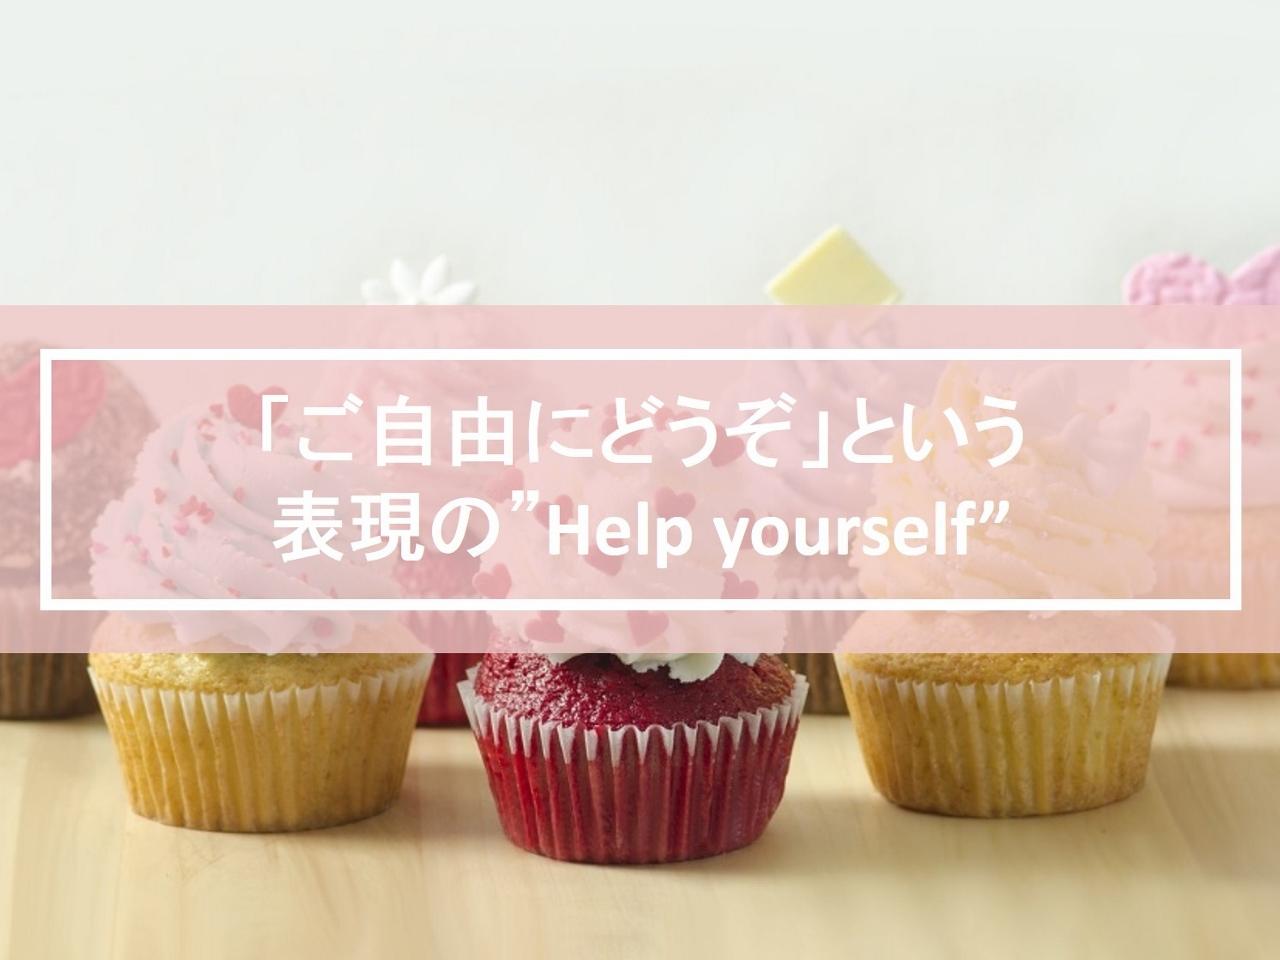 「ご自由にどうぞ」Help yourself の使い方